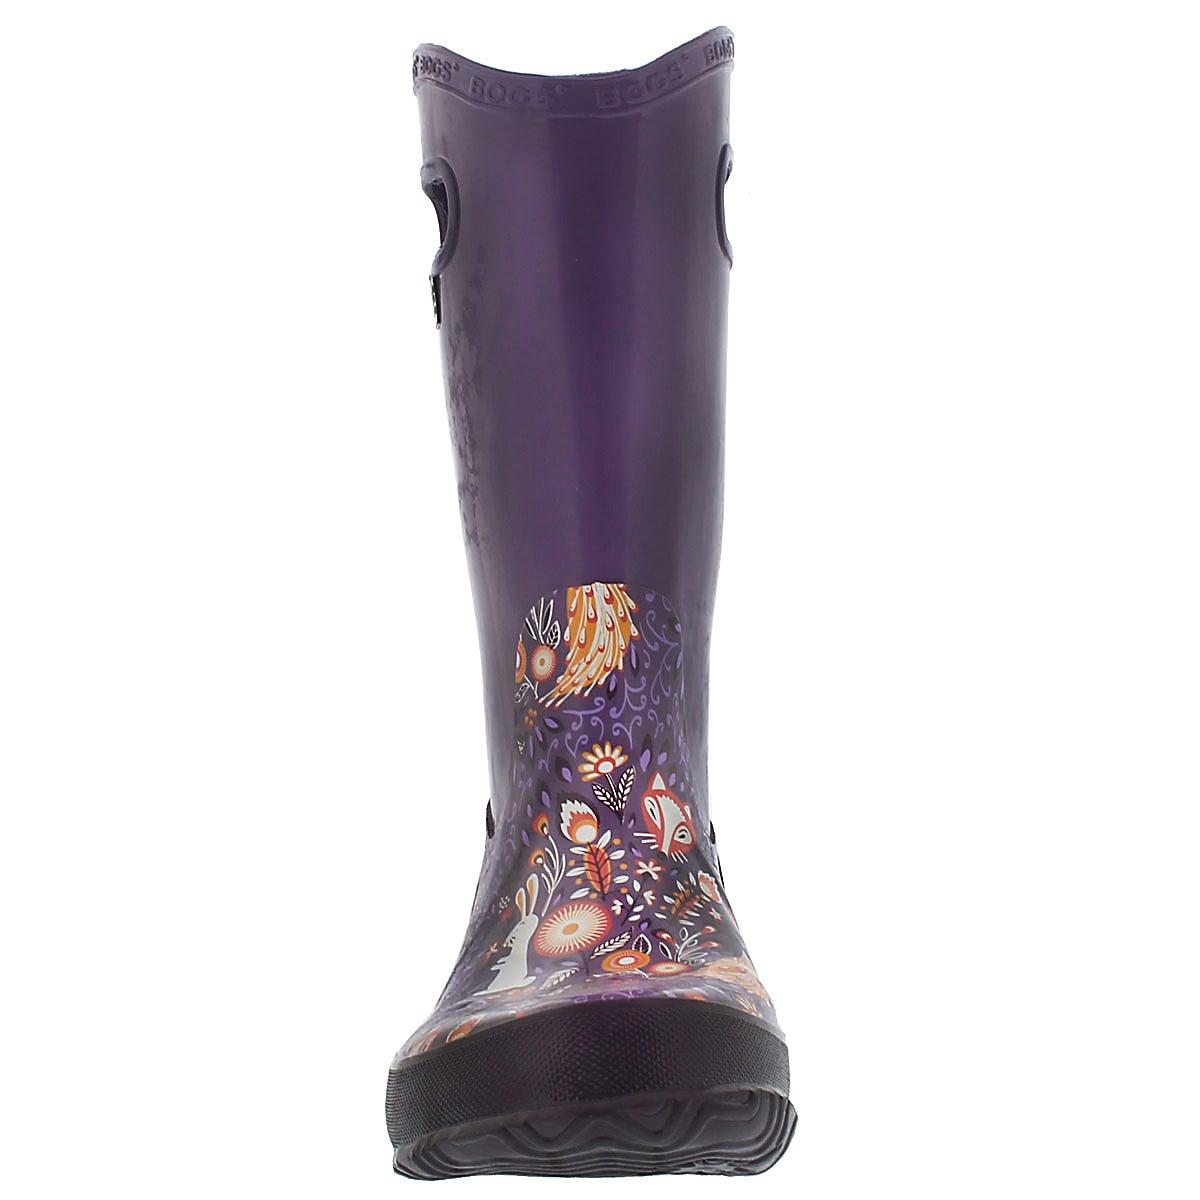 Grls Rainboot Forest grape rain boot